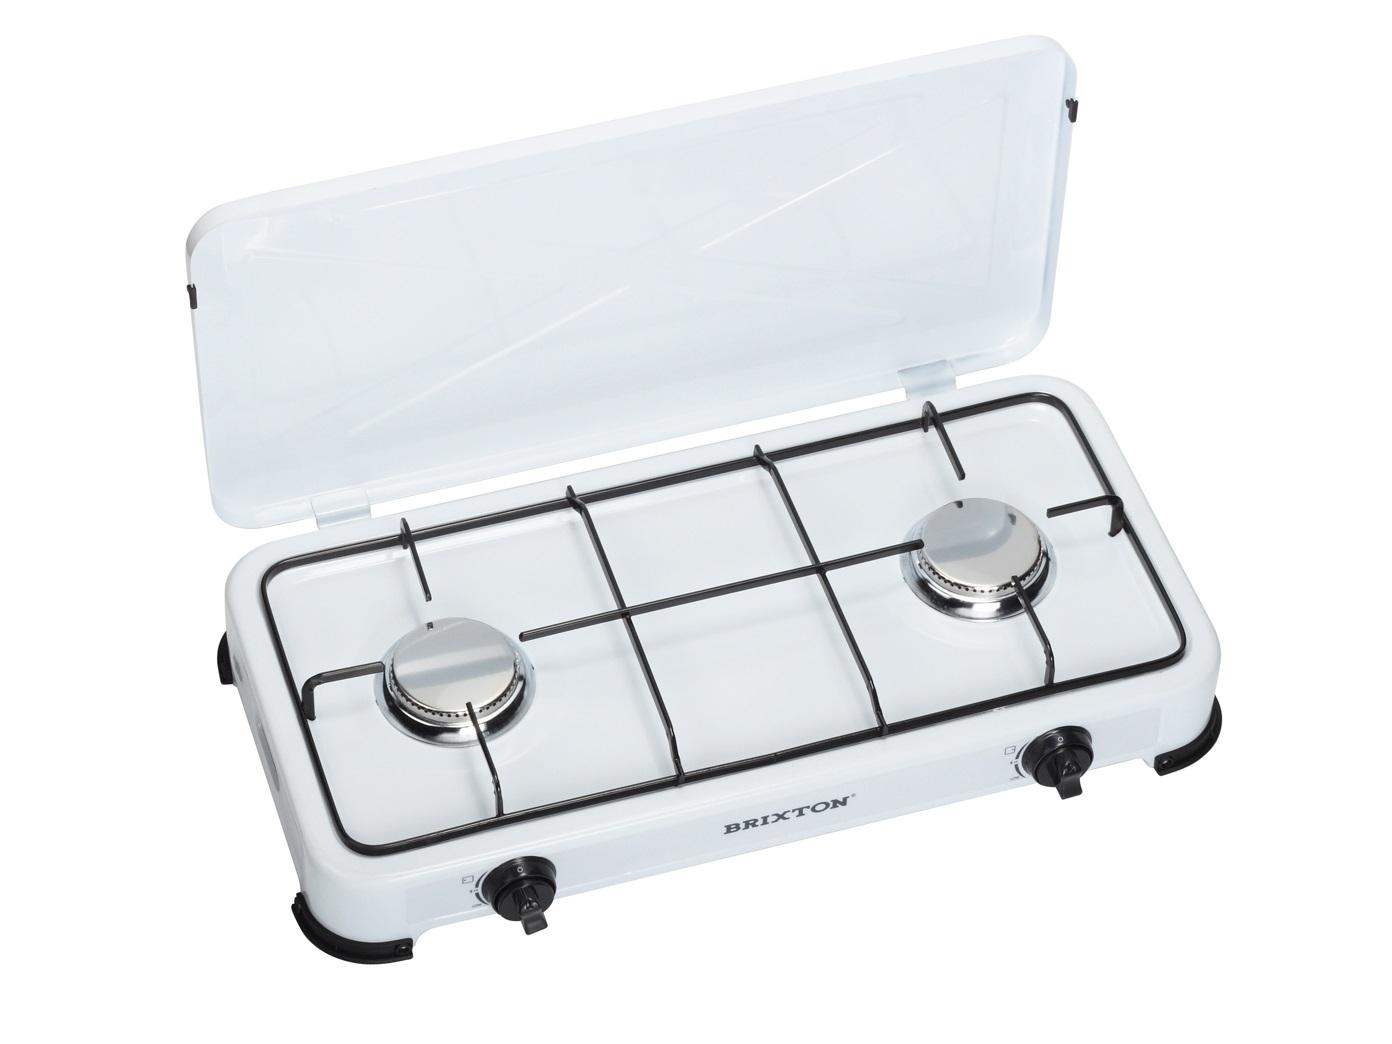 Outdoorküche Tür Xxl : Outdoor küche tür outdoor küche kabinette benutzerdefinierte